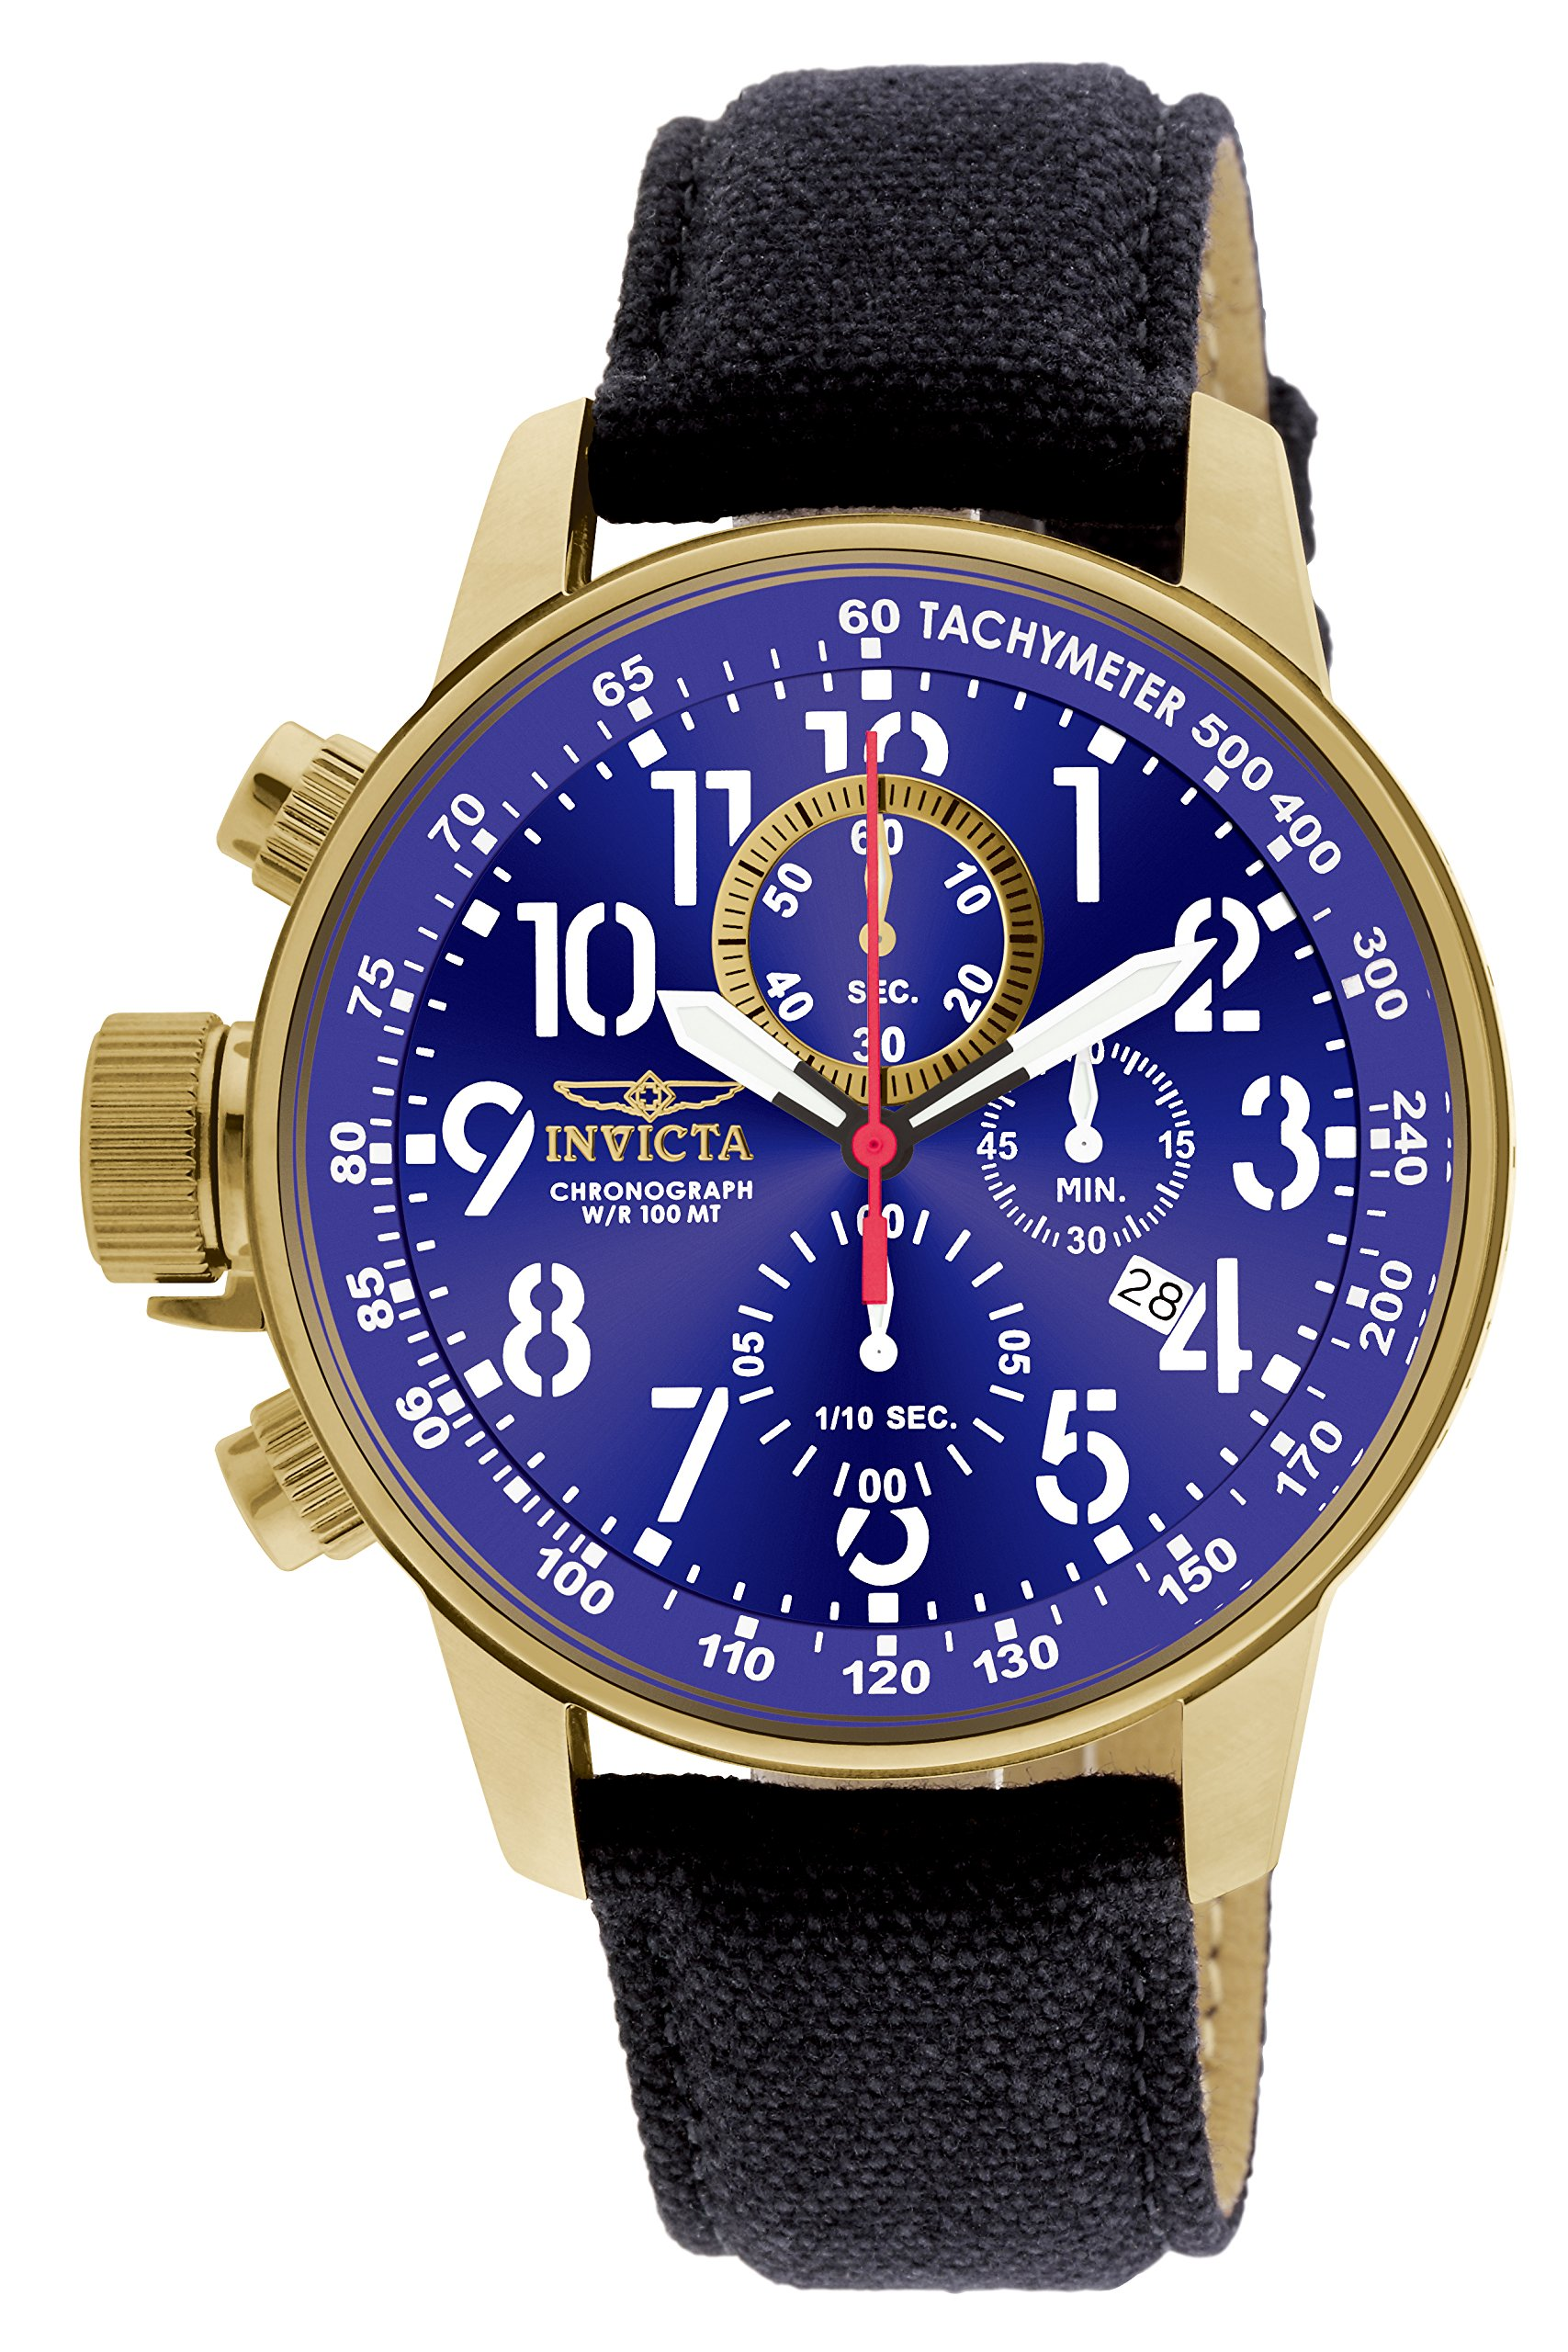 ویکالا · خرید  اصل اورجینال · خرید از آمازون · Invicta Men's 1516 I Force Collection 18k Gold Ion-Plated Stainless Steel and Cloth Watch wekala · ویکالا